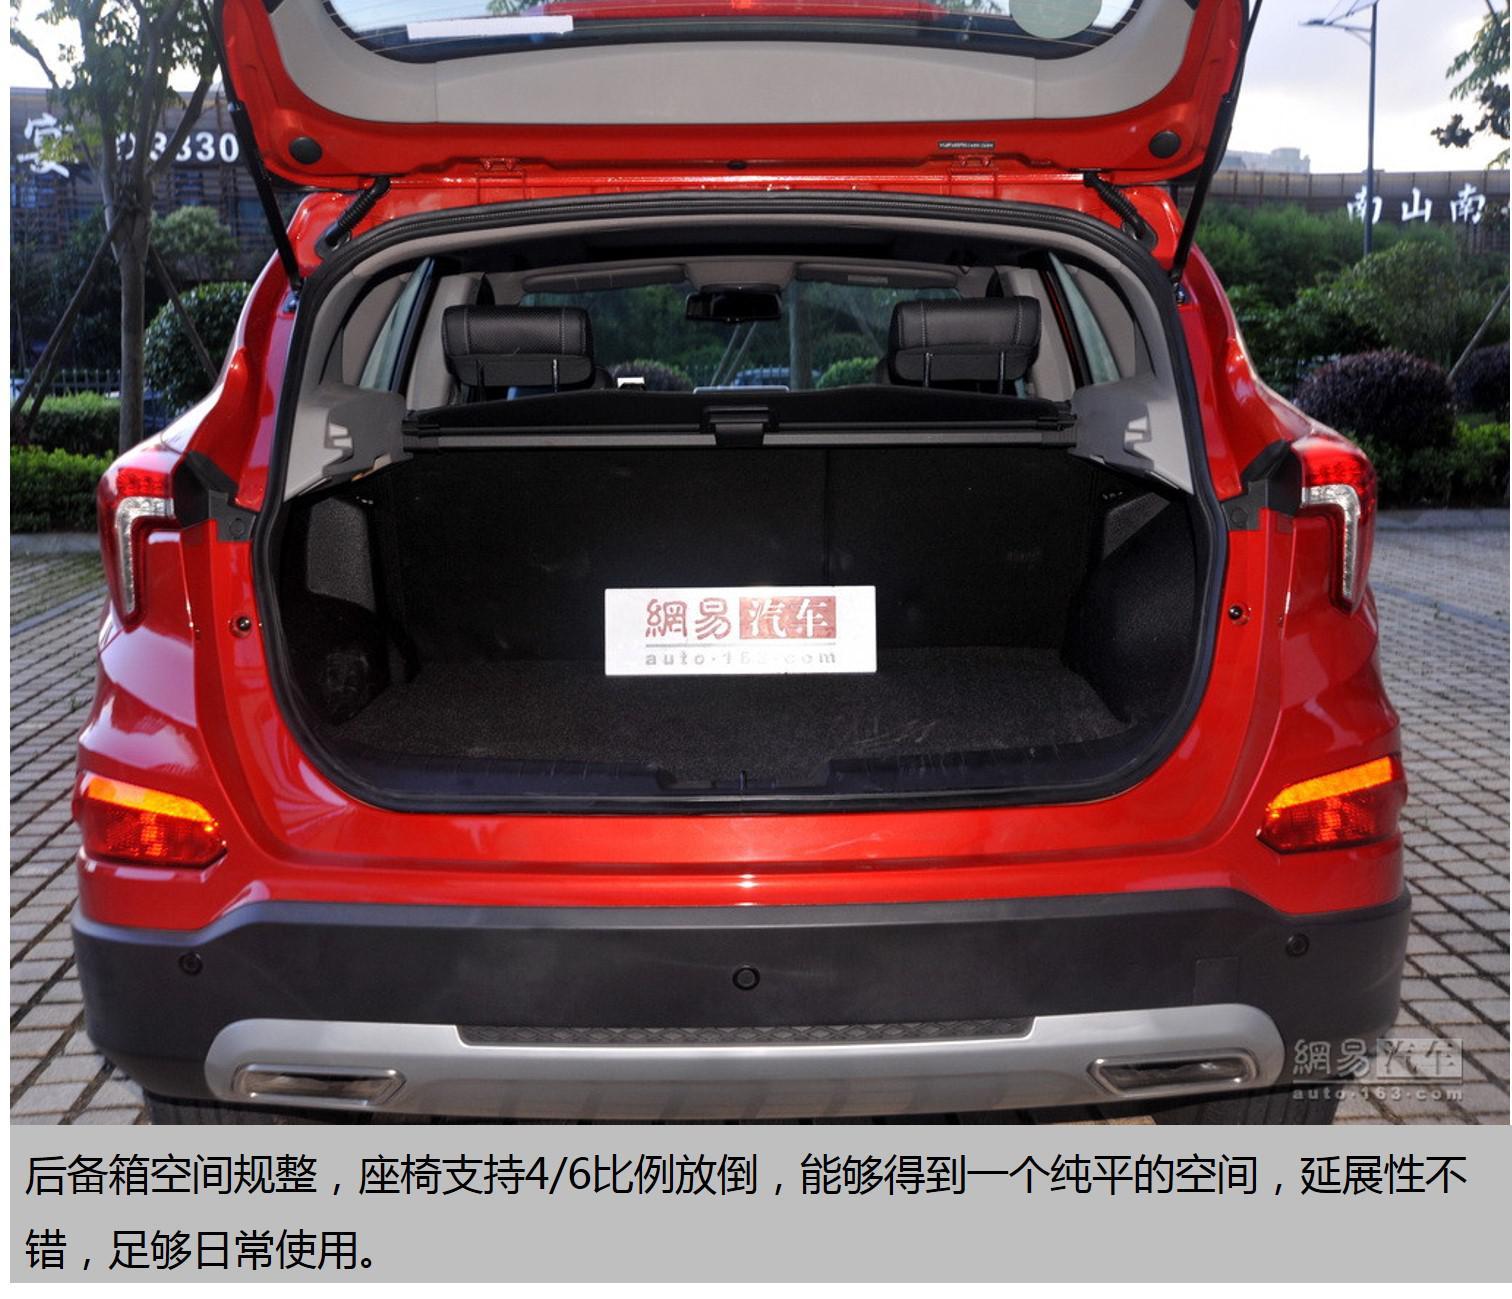 首推230T自動豪華型 二代海馬S5全系導購